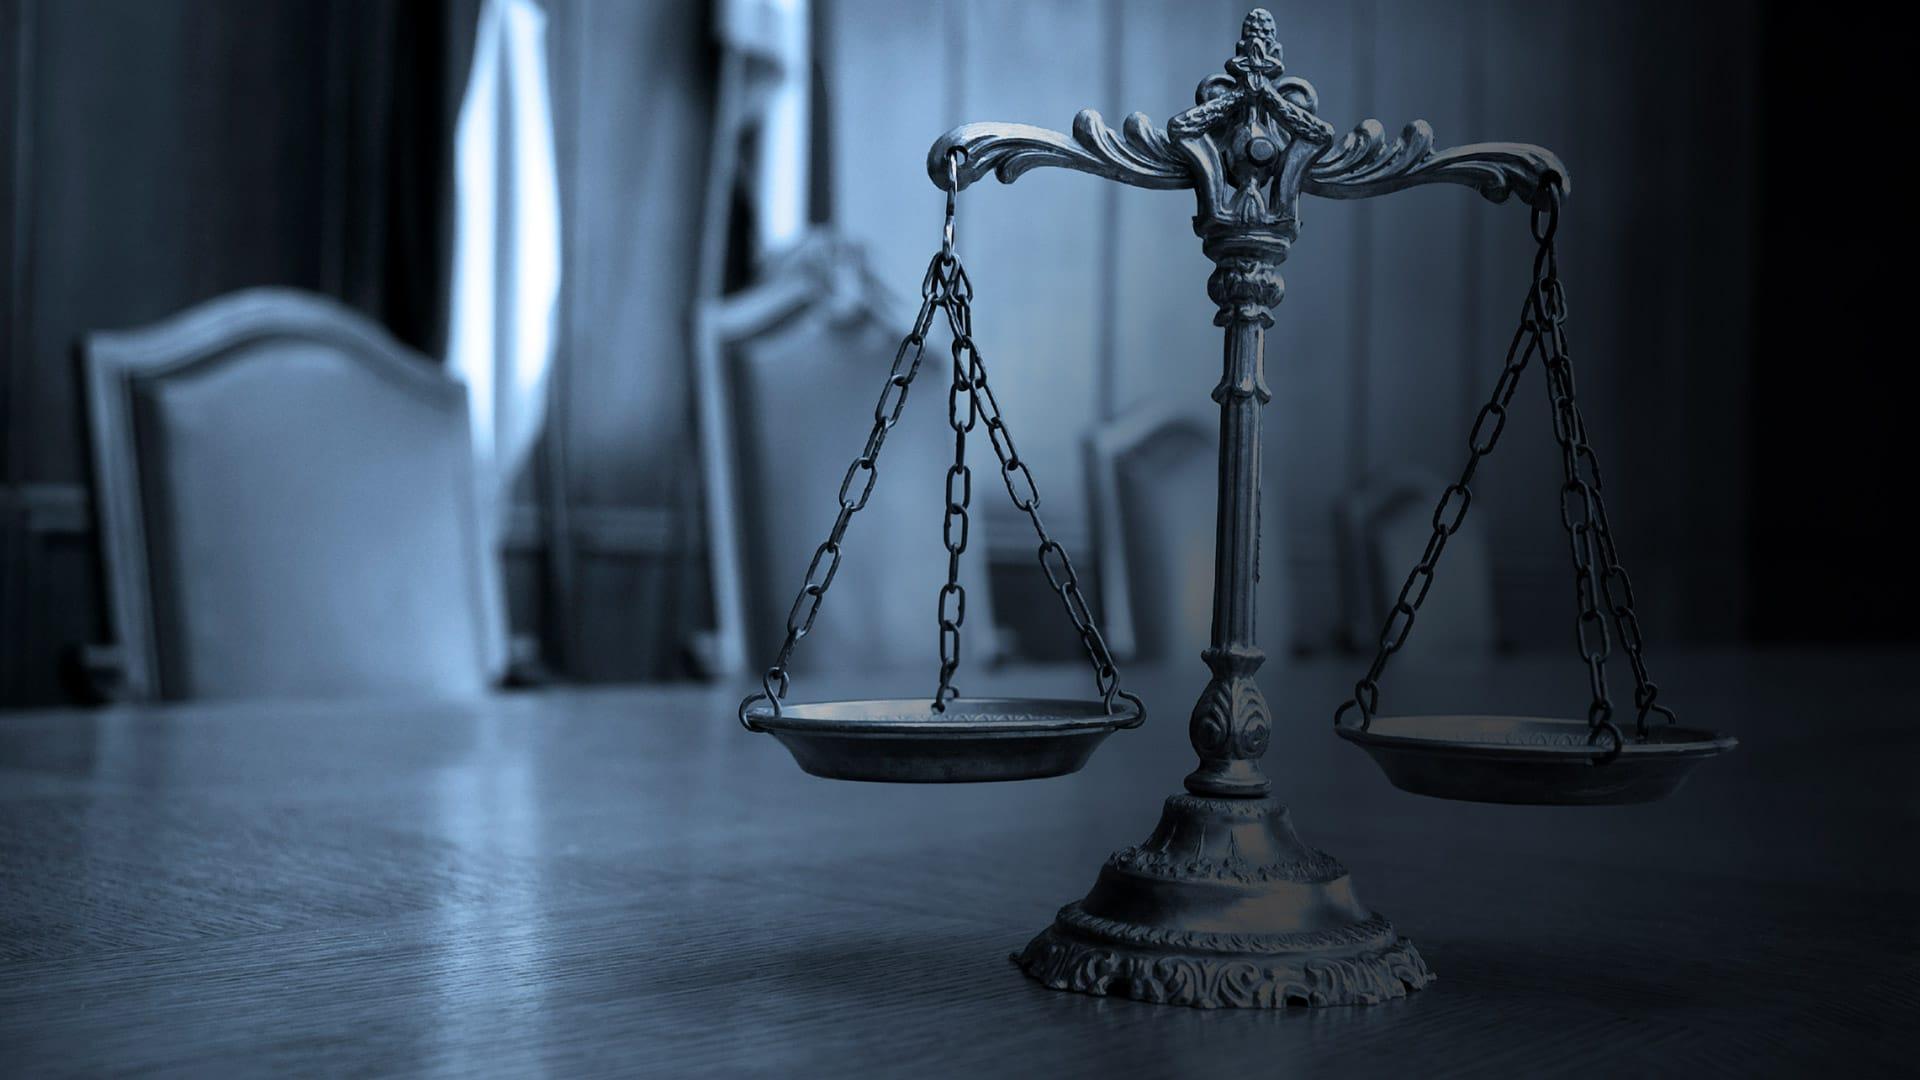 תוכנית עסקית בתחום המשפטי LegalTech